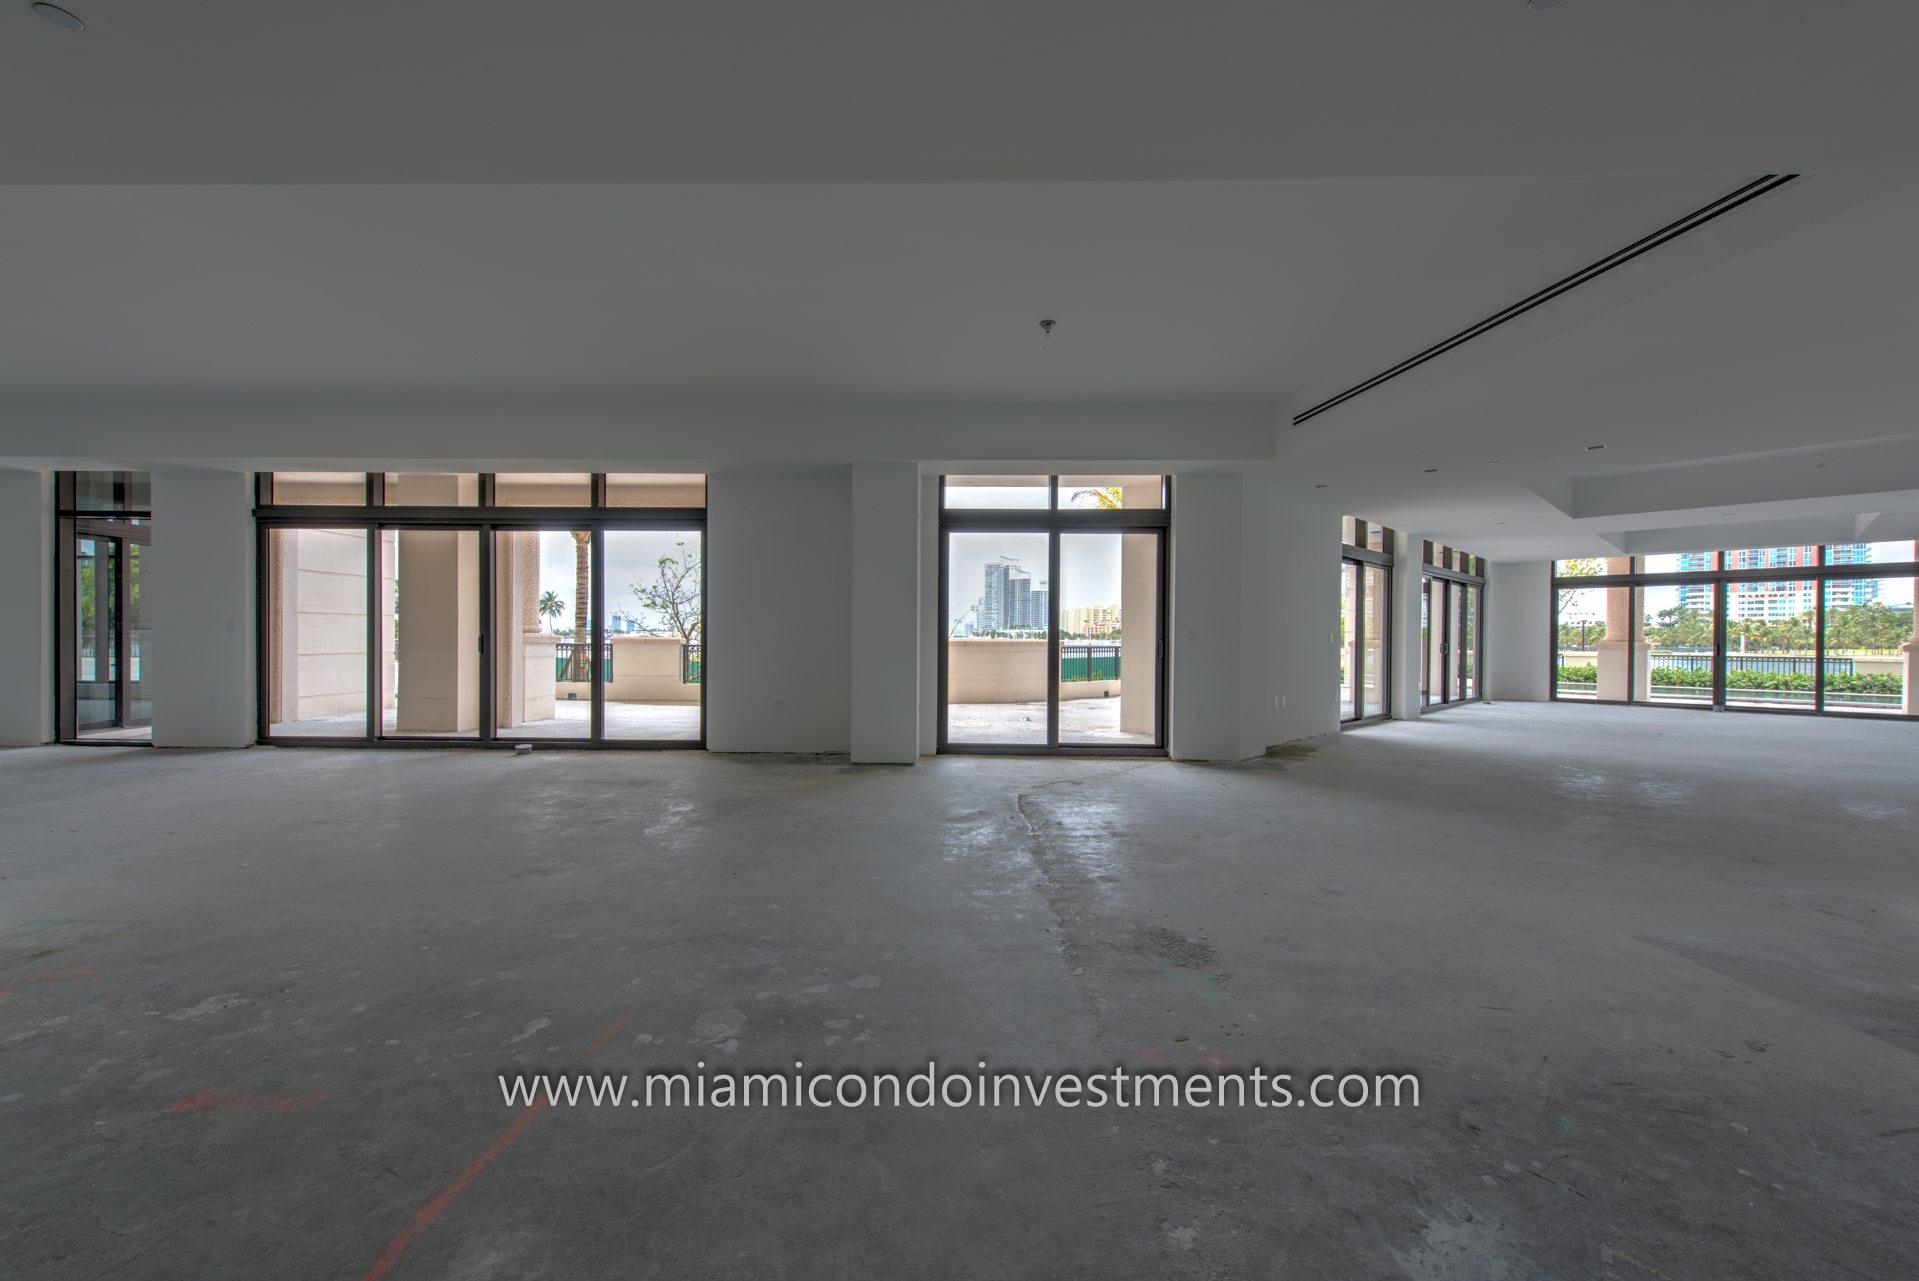 palazzo-del-sol-lanai-west-1